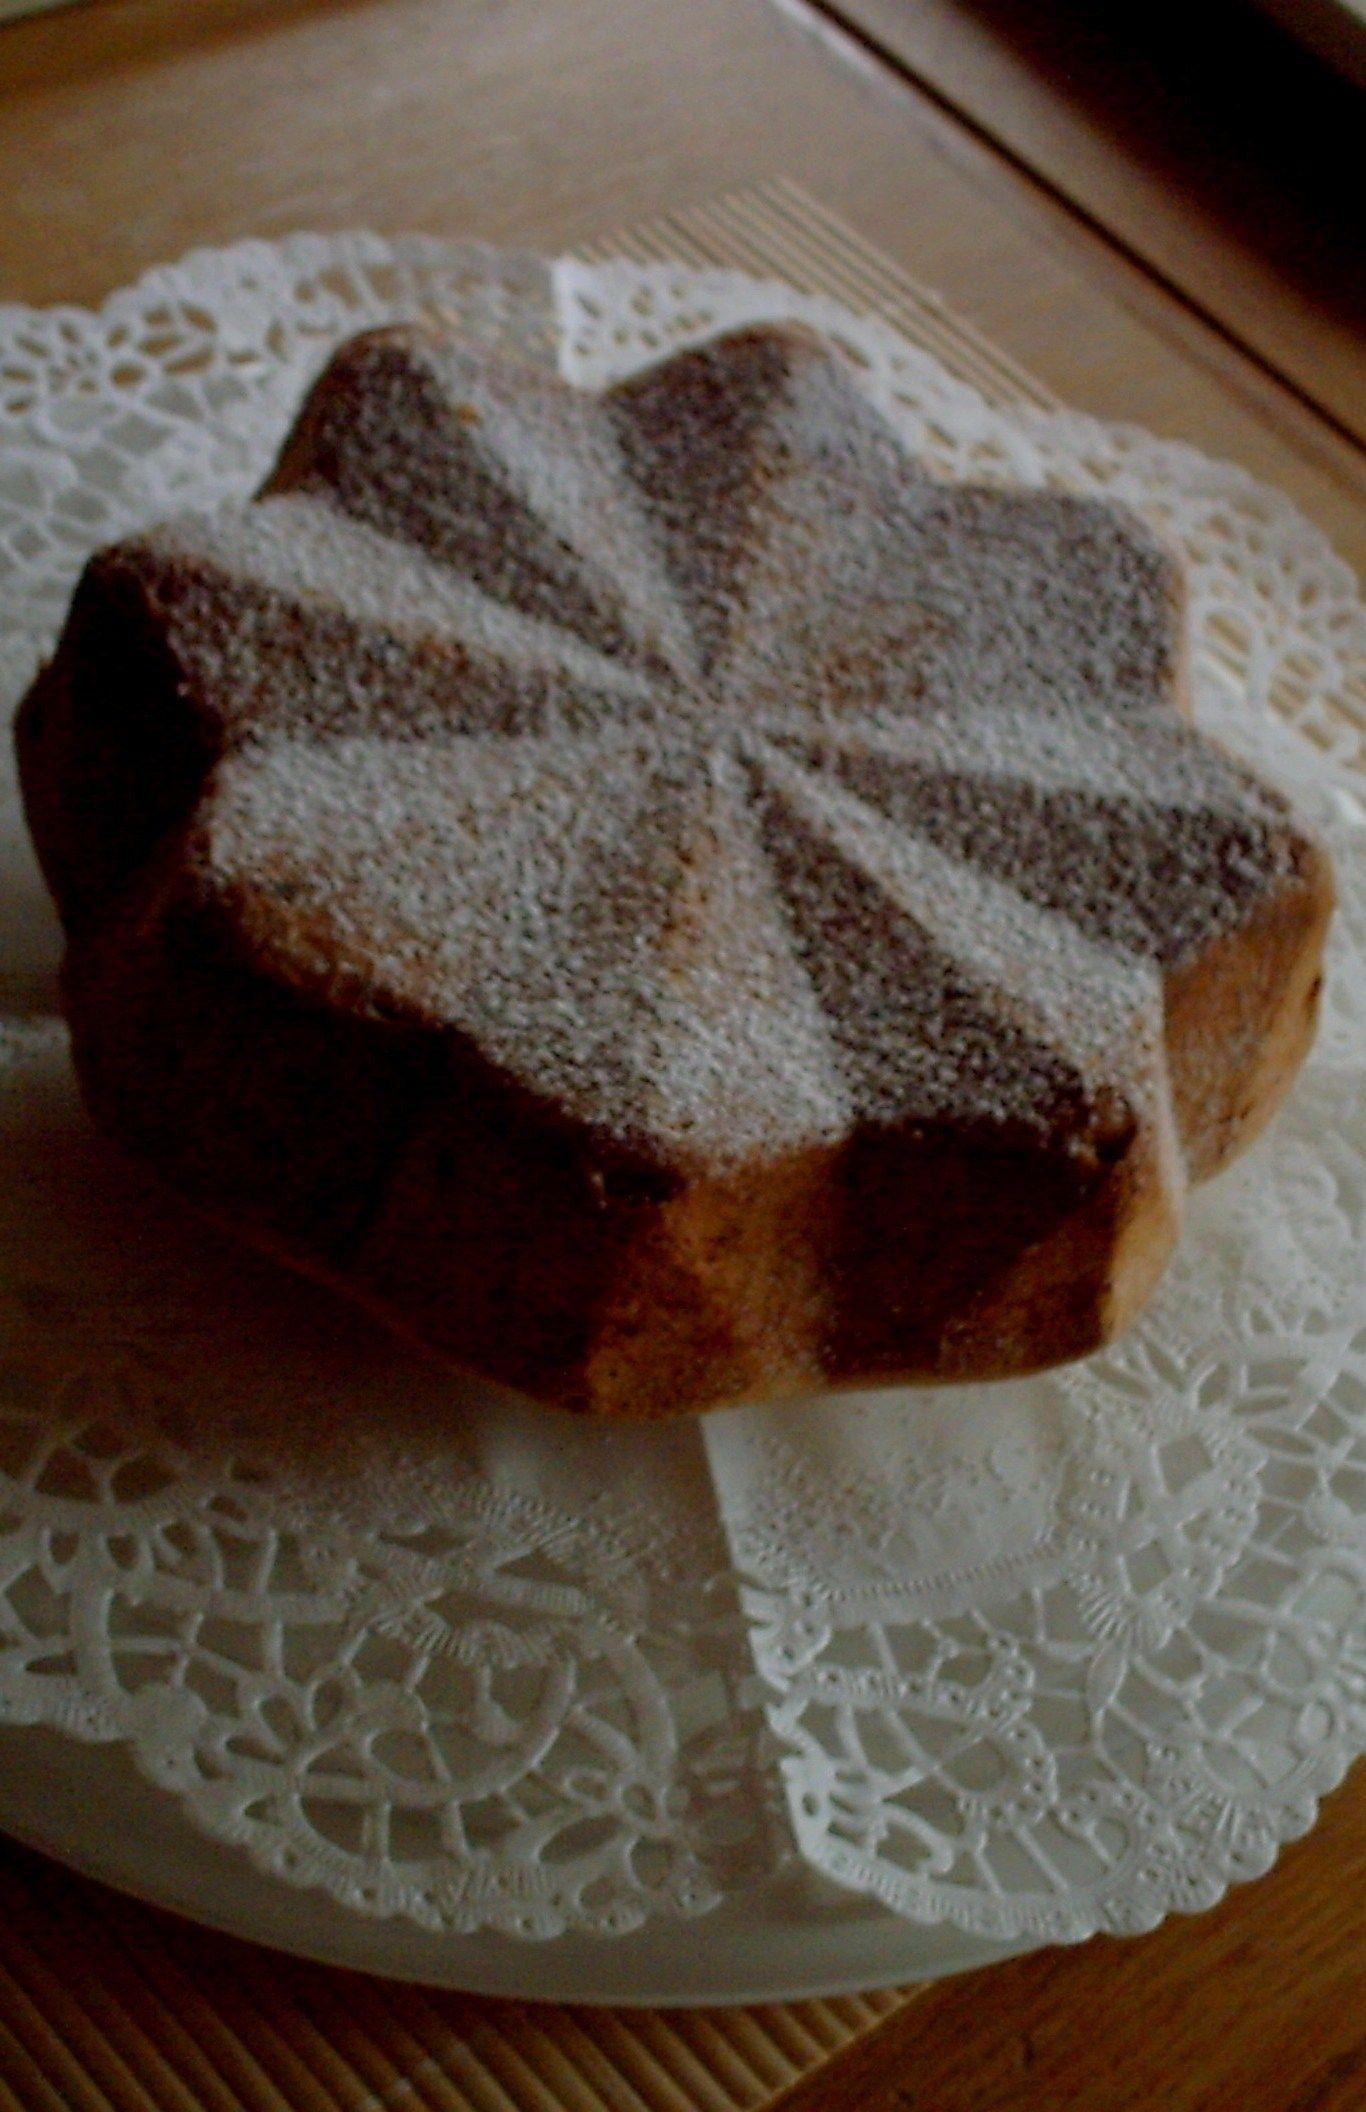 Sternentorte - Rührteig mit Nüssen und kleinen Schokostückchen